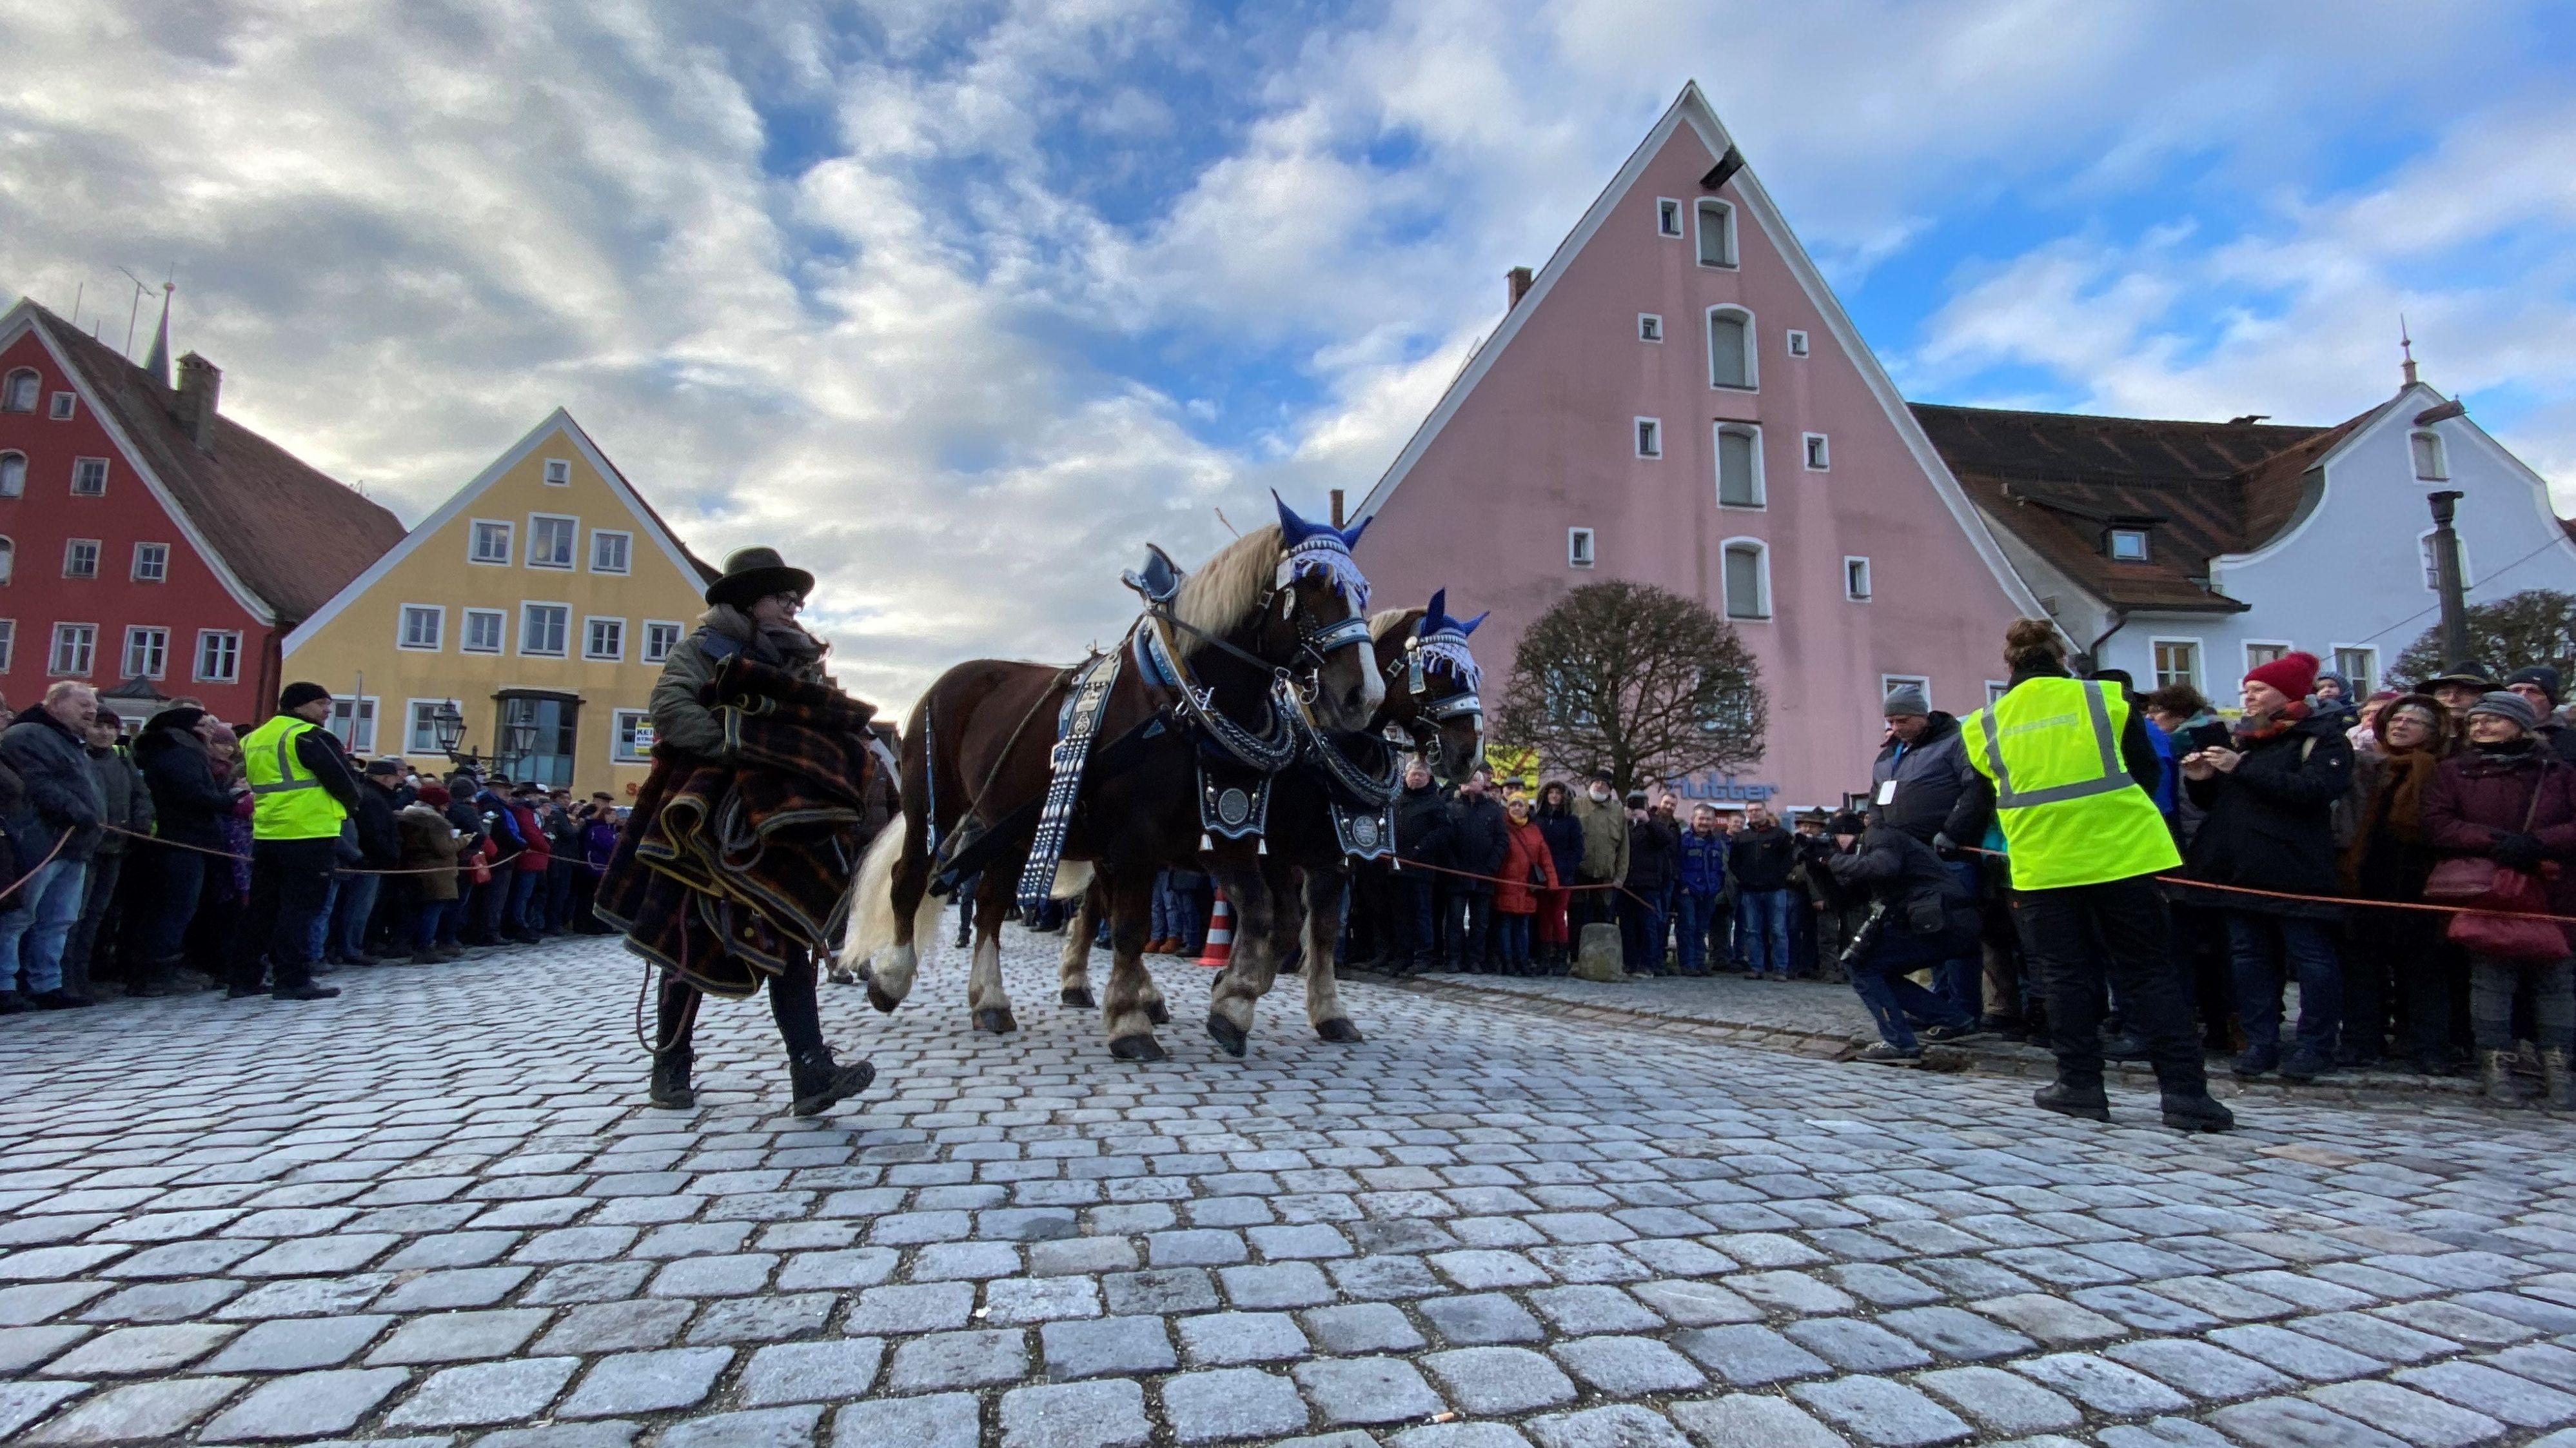 Er gilt als das größte Wintervolksfest Bayerns - der traditionelle Rossmarkt im Landkreis Neumarkt in der Oberpfalz. Mehr als 100 prachtvoll geschmückte Pferde werden präsentiert. Als Festredner wird Innenminister Joachim Hermann erwartet.